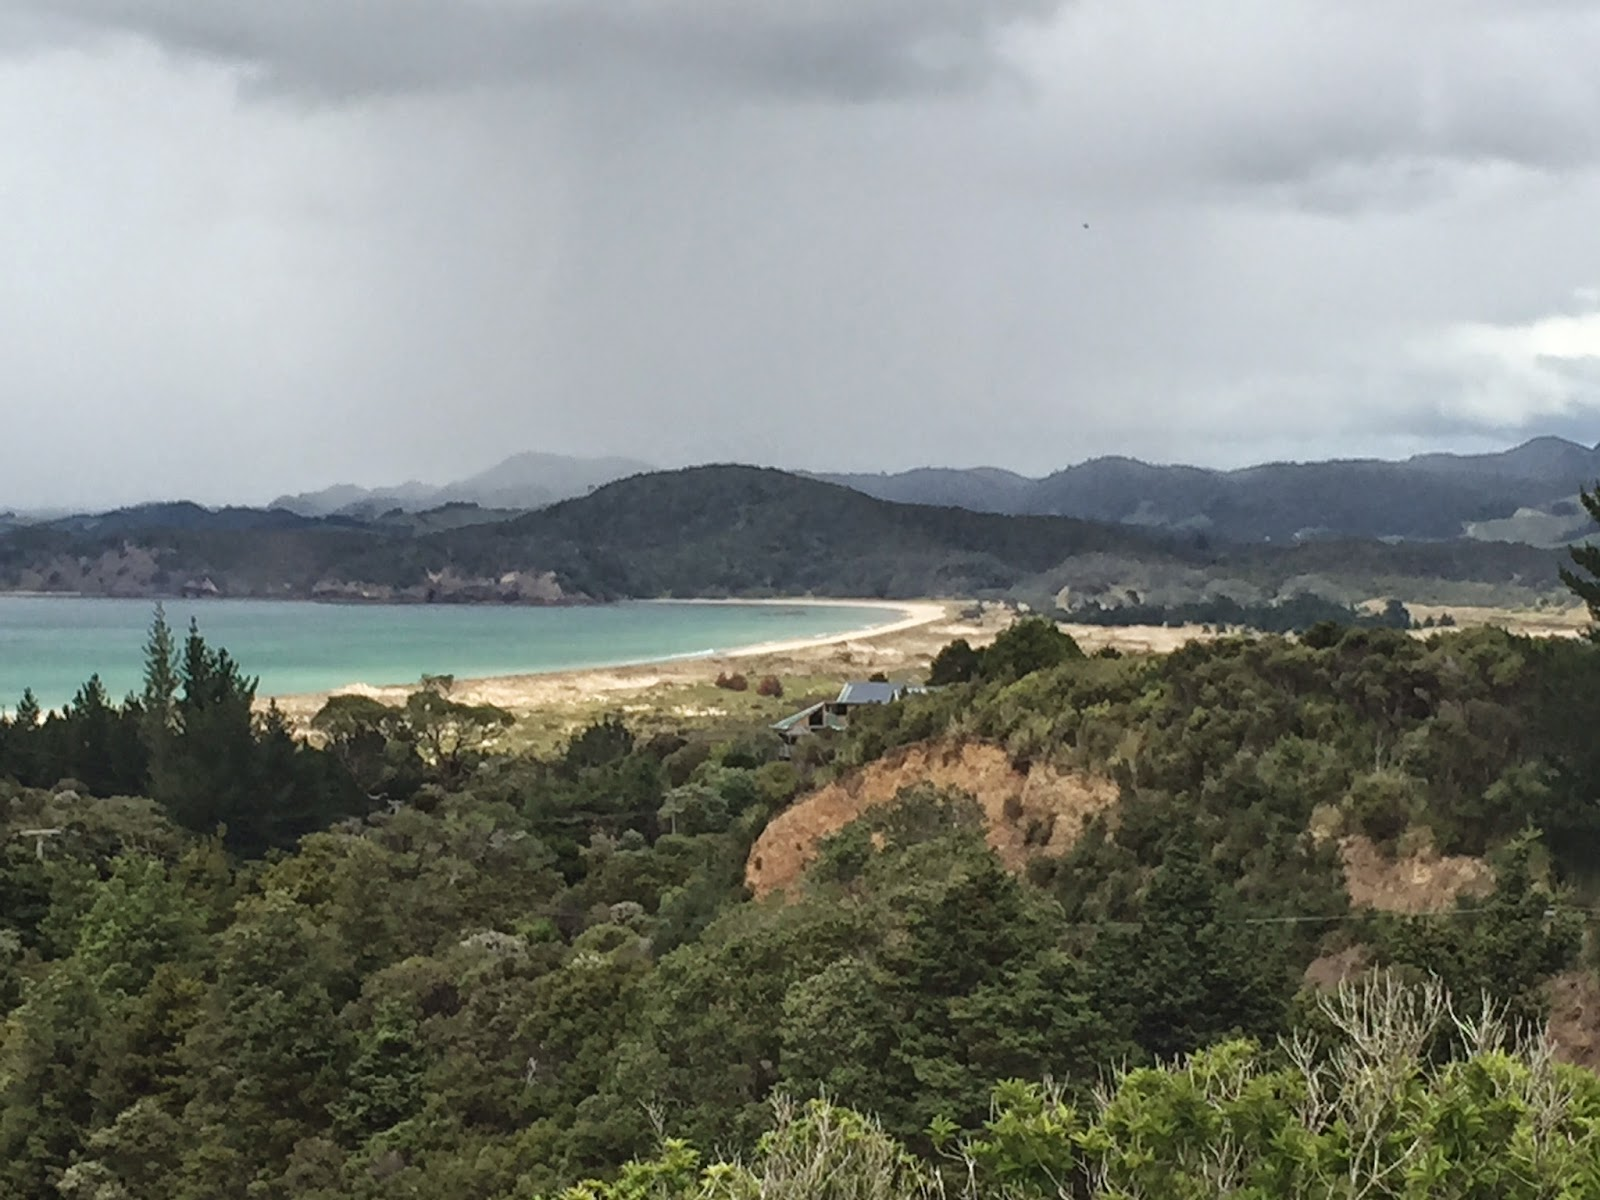 Ngunguru Beach